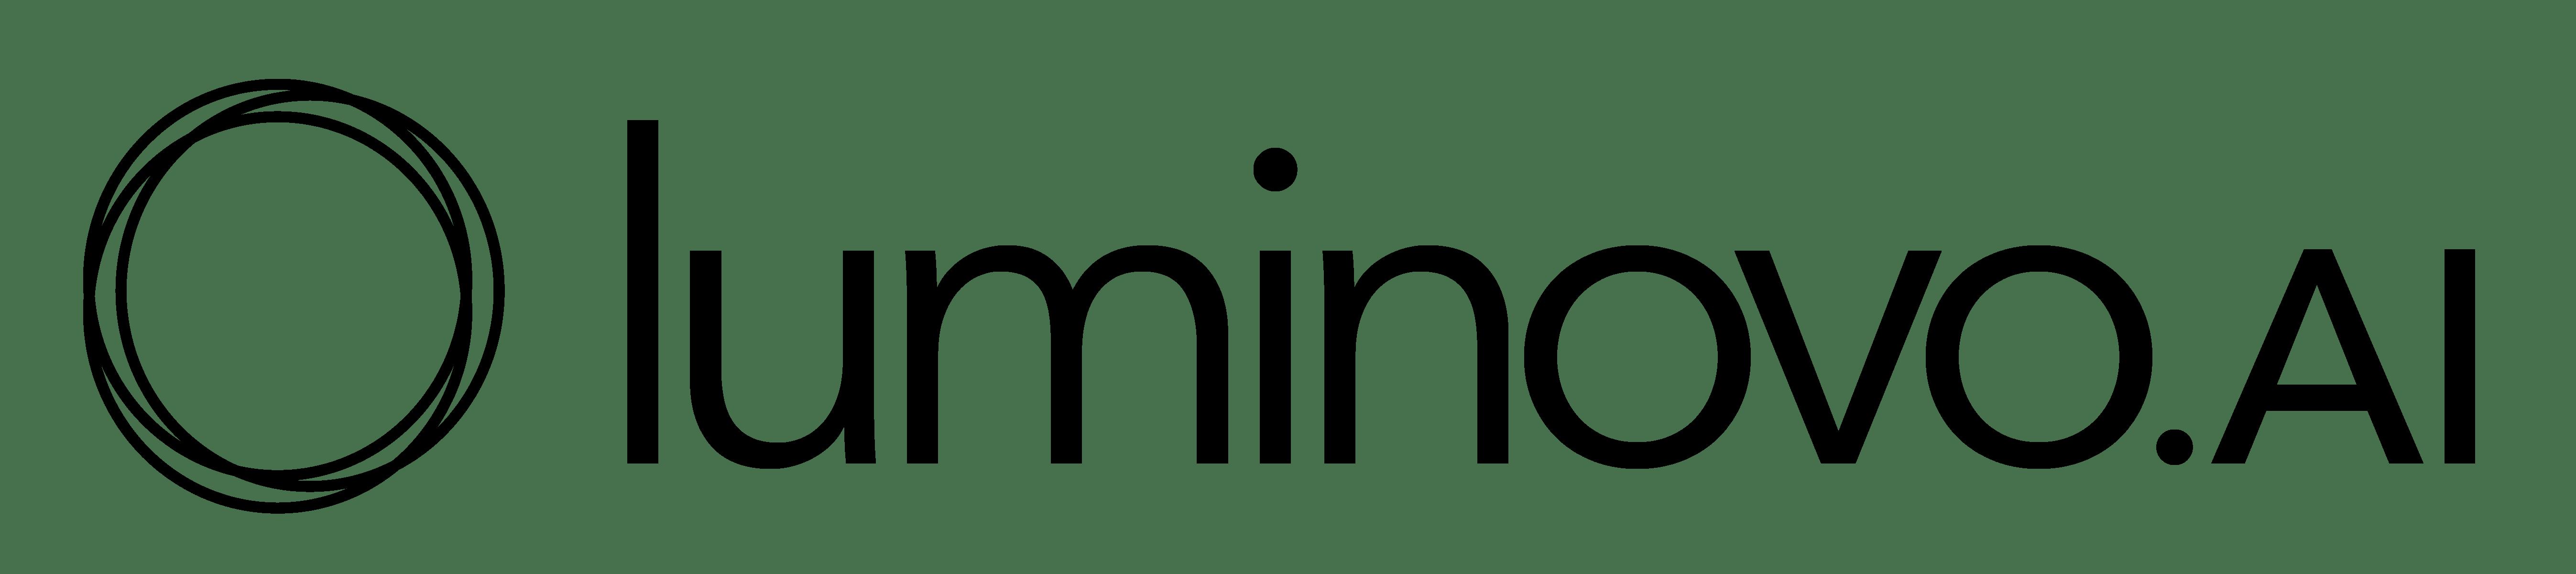 Talent Acquisition Manager (m/f/d)_logo